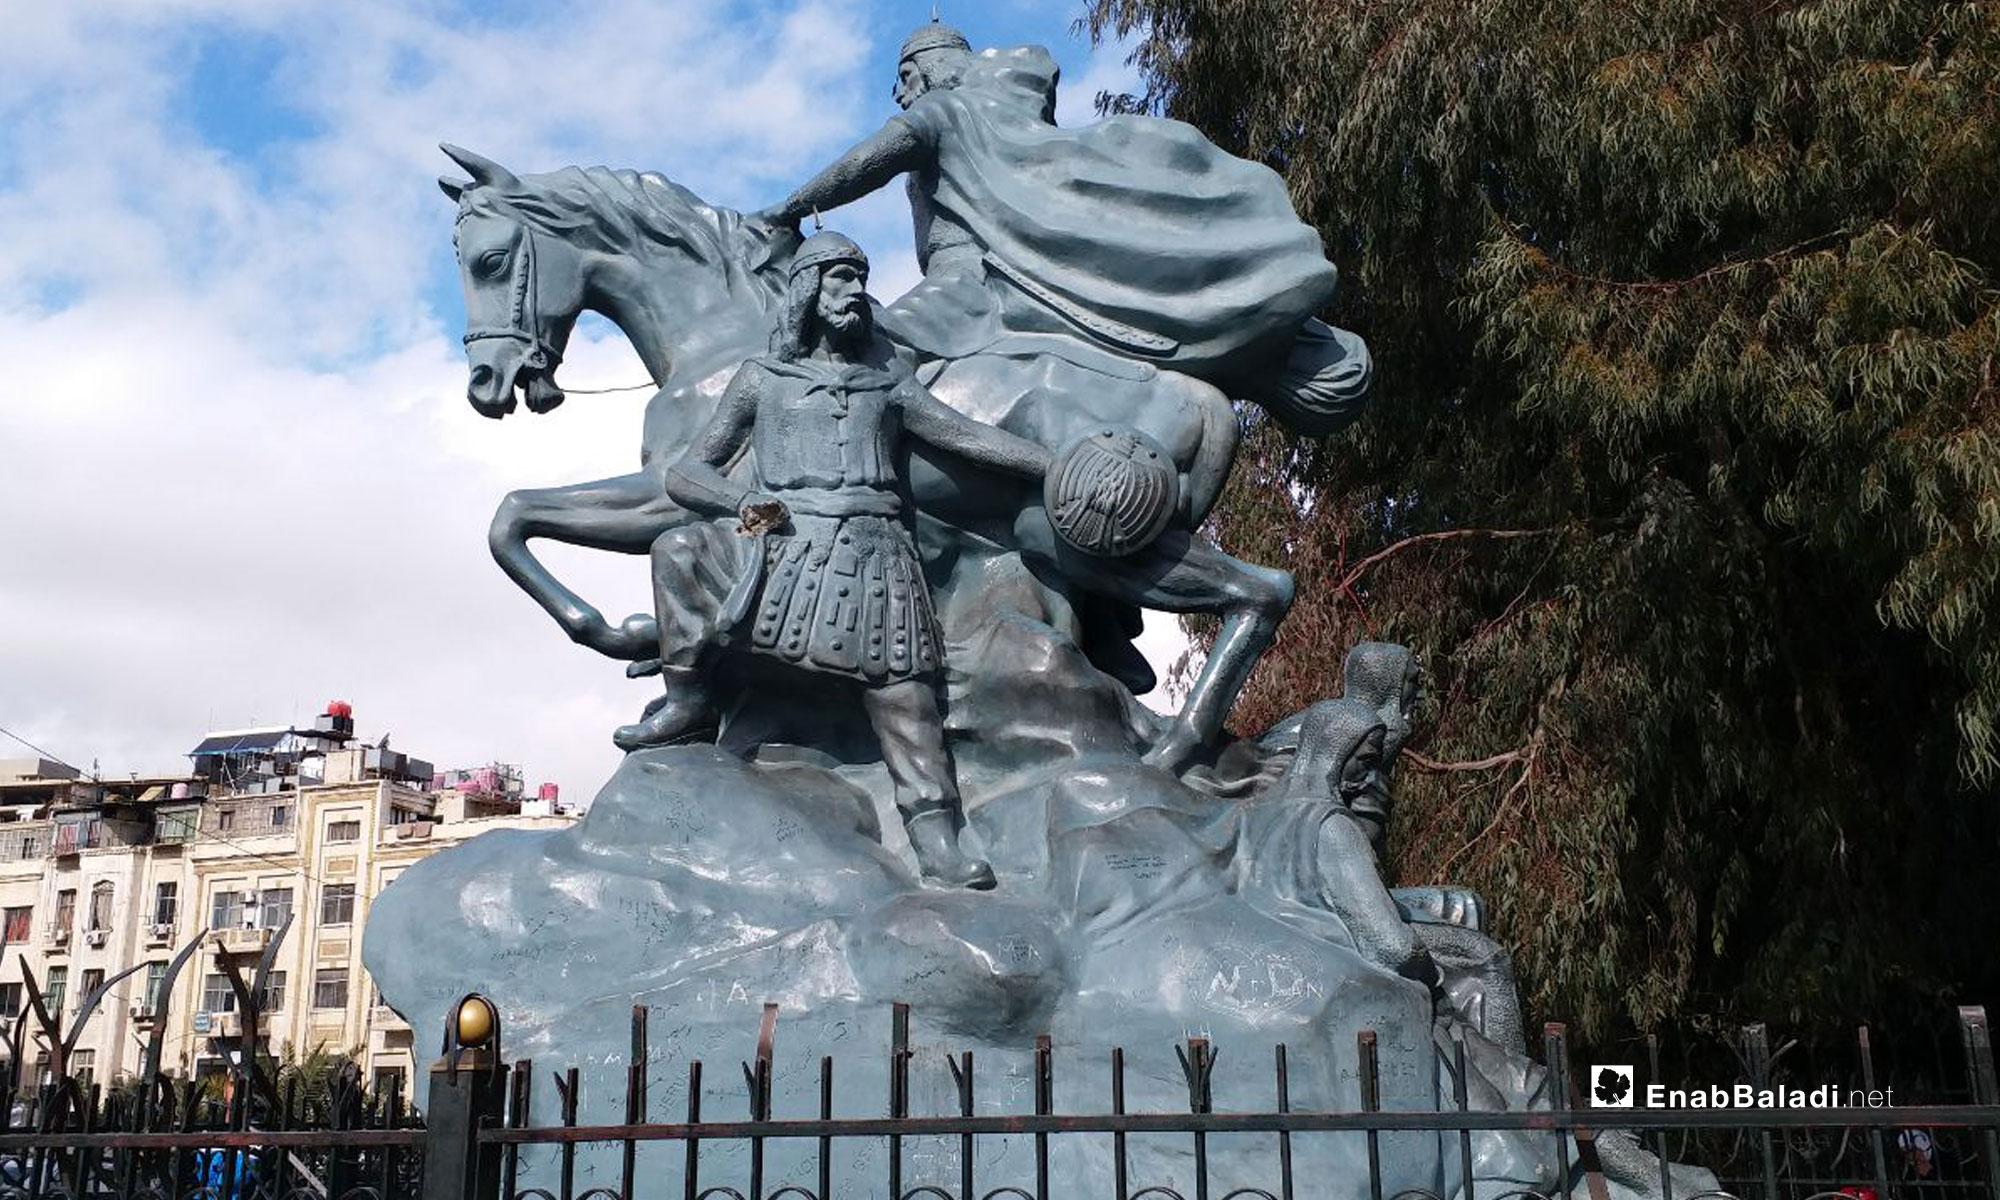 تمثال صلاح الدين الأيوبي في دمشق - 14 من كانون الثاني 2019 (عنب بلدي)